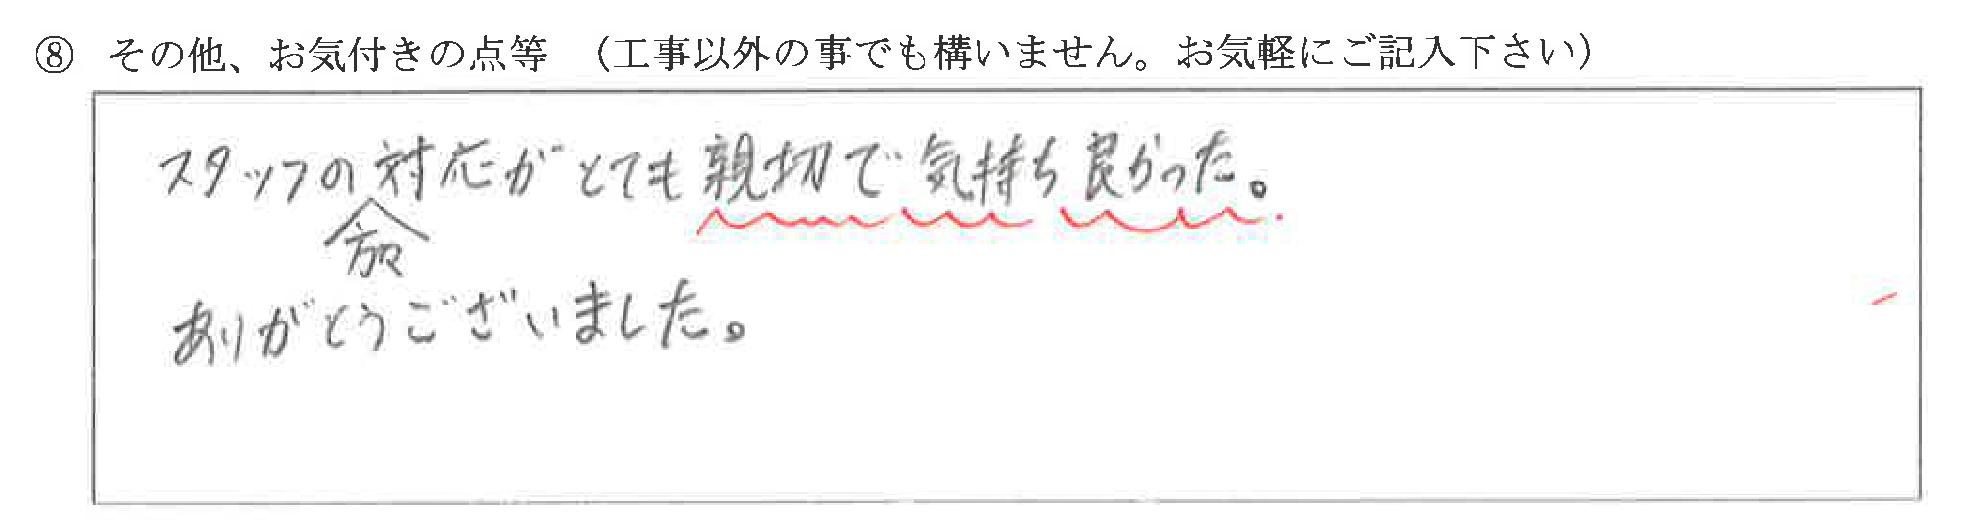 富山県富山市Y様に頂いた外壁吹付塗装工事についてのお気づきの点がありましたら、お聞かせ下さい。というご質問について「外壁吹付塗装工事【お喜びの声】」というお声についての画像